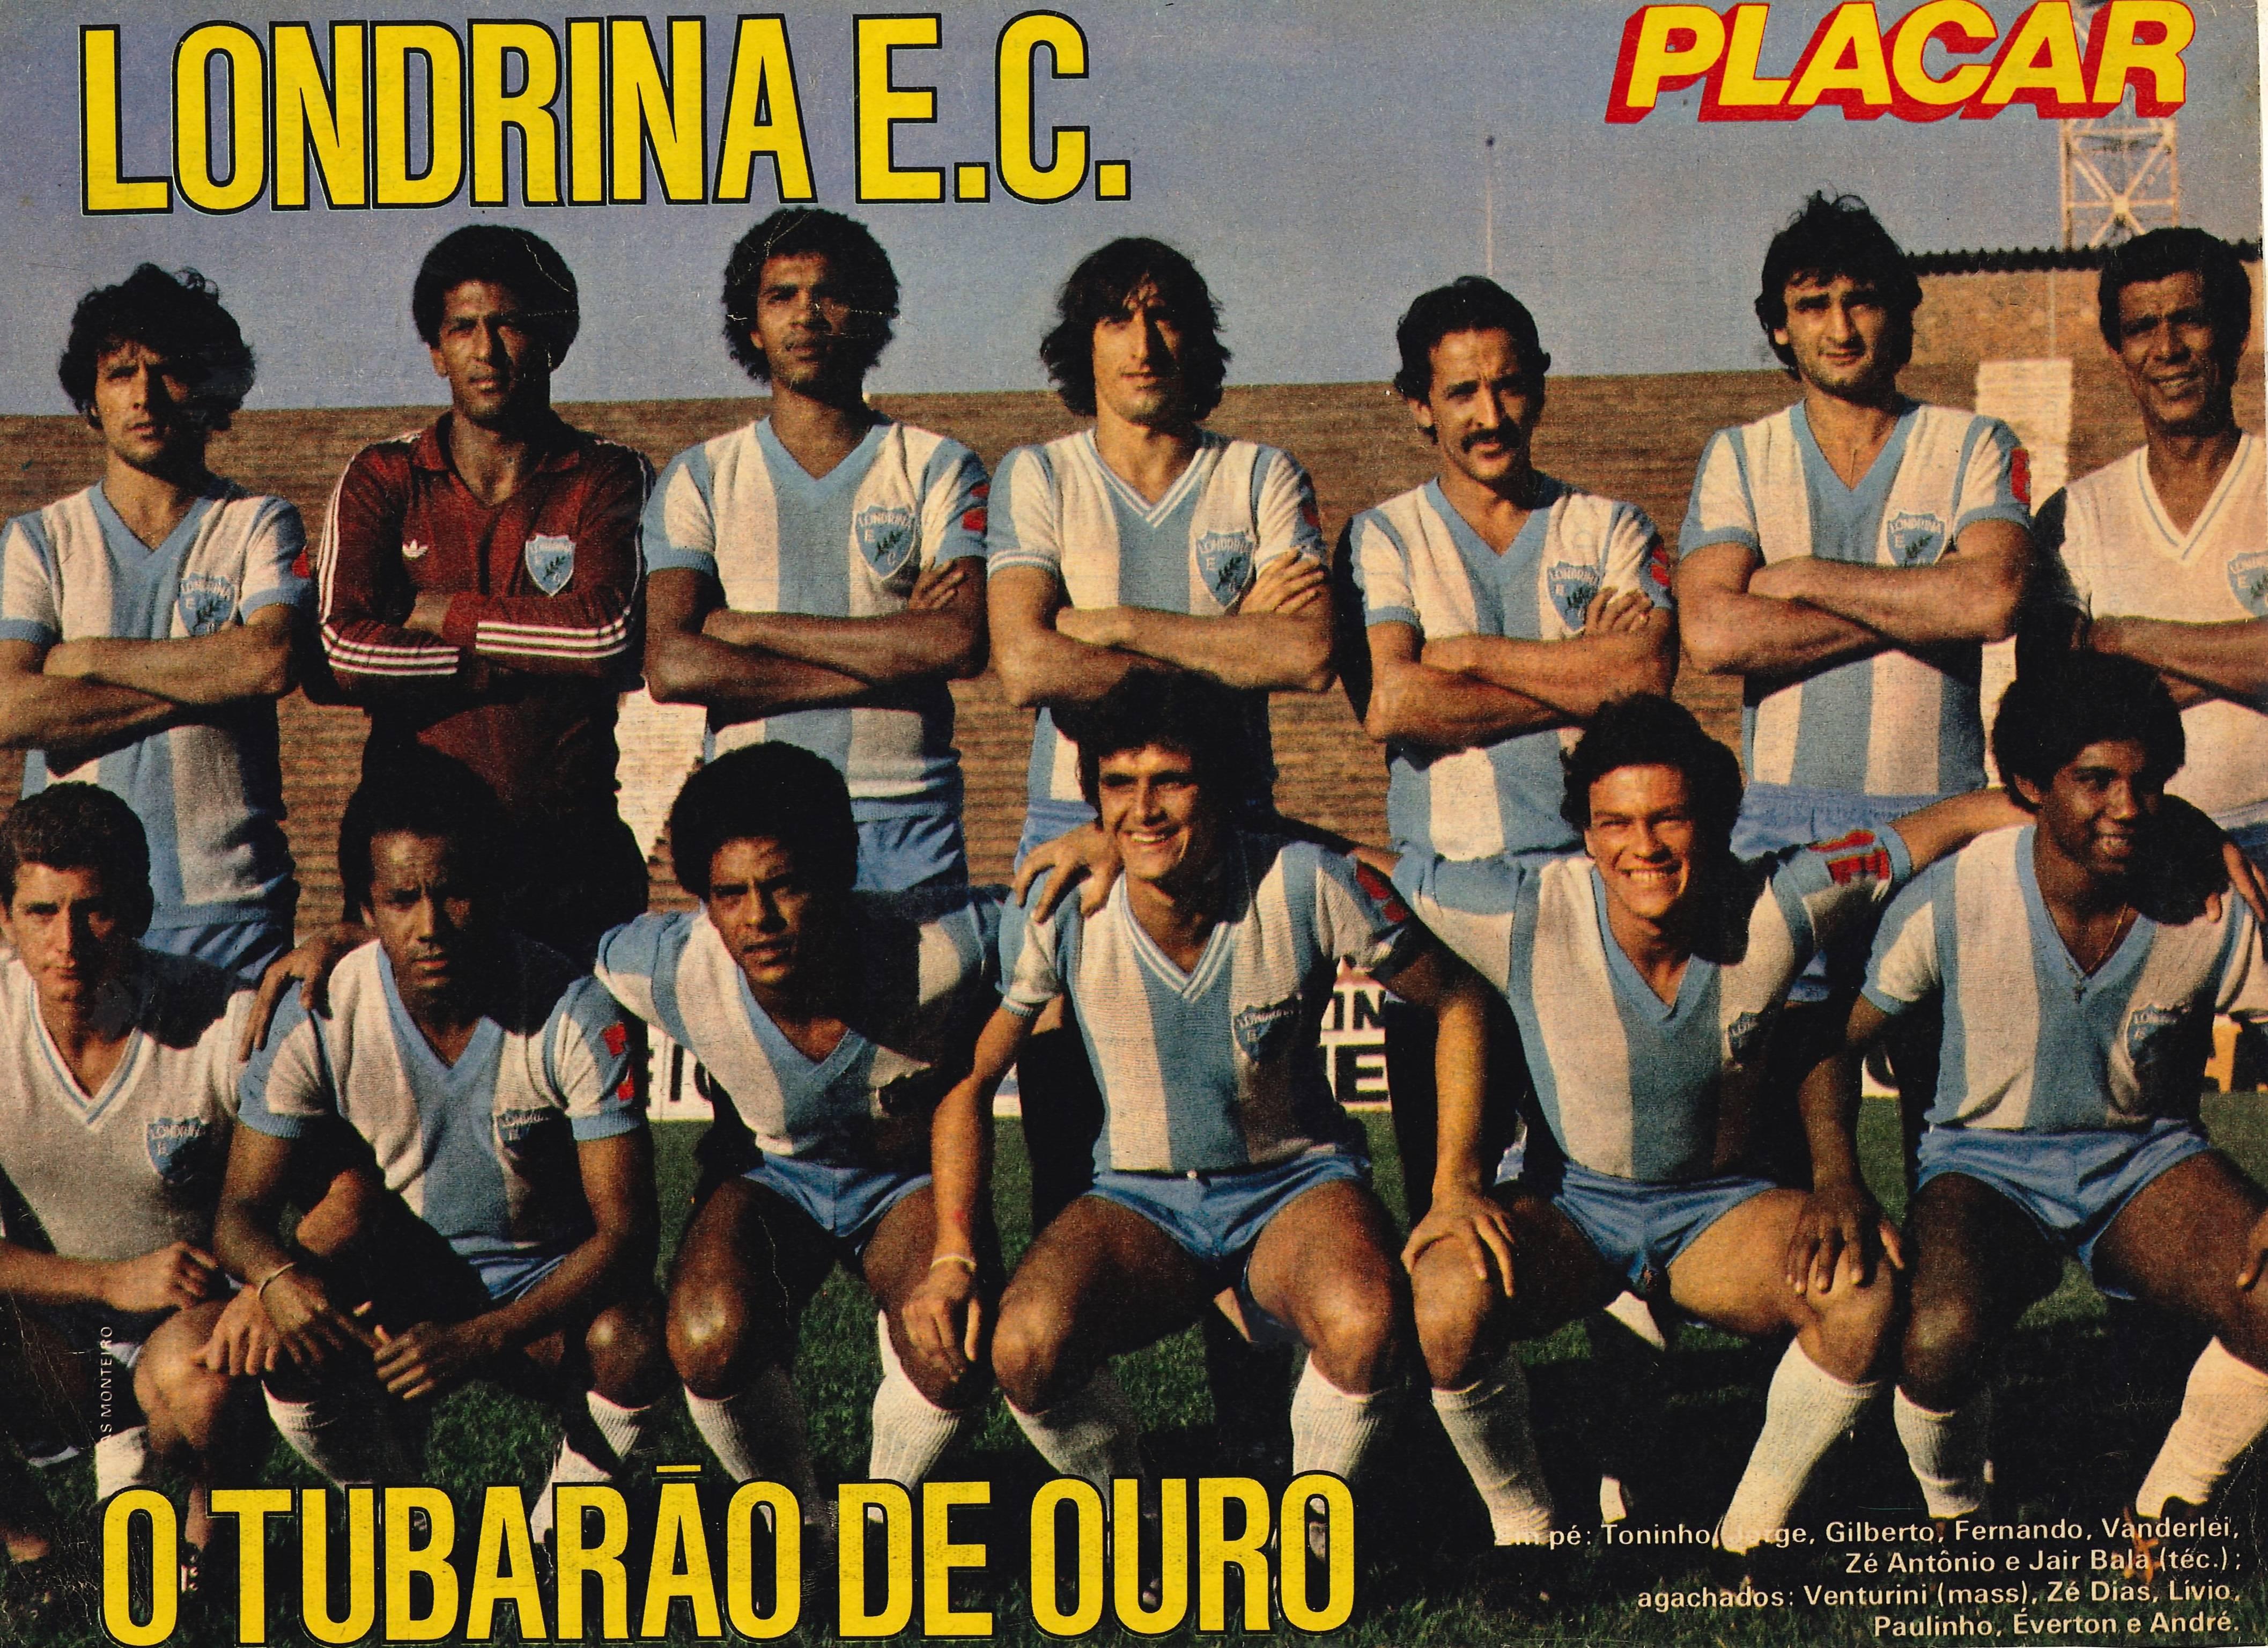 Foto: Arquivo Revista Placar